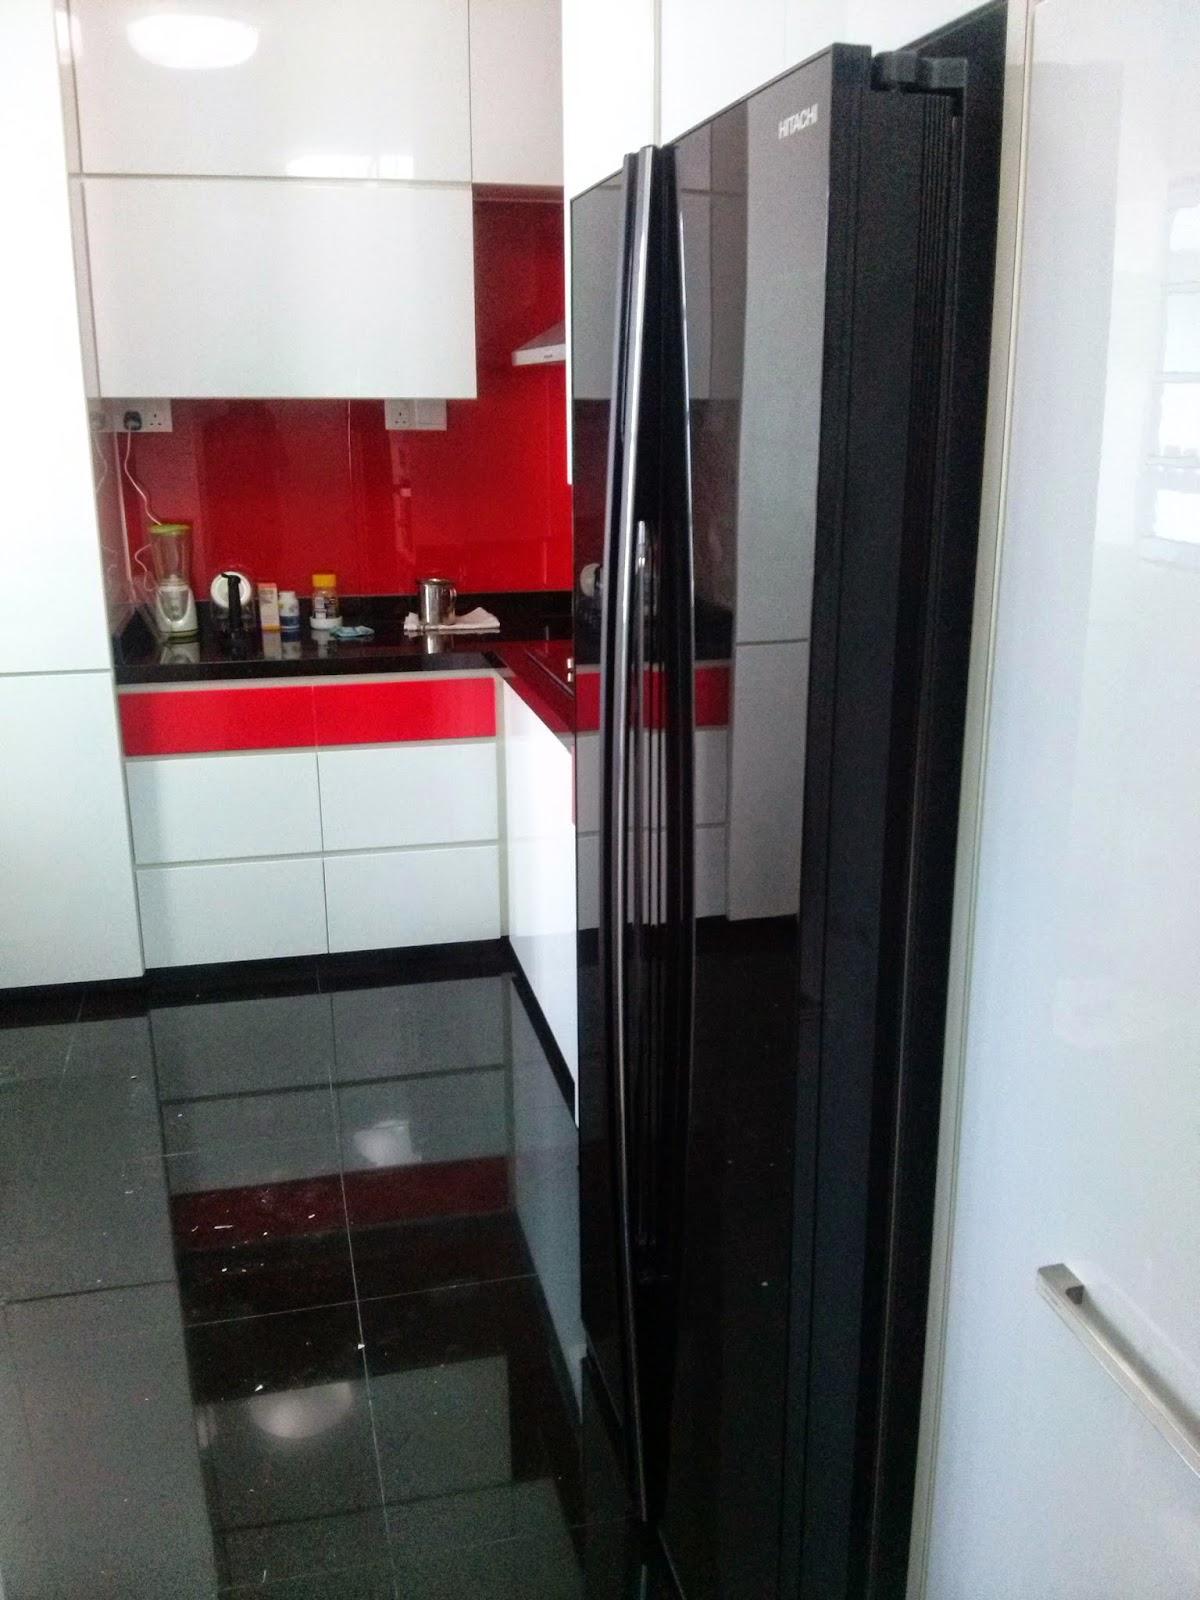 Singapore interiors design hi gloss white red kitchen for Red gloss kitchen units